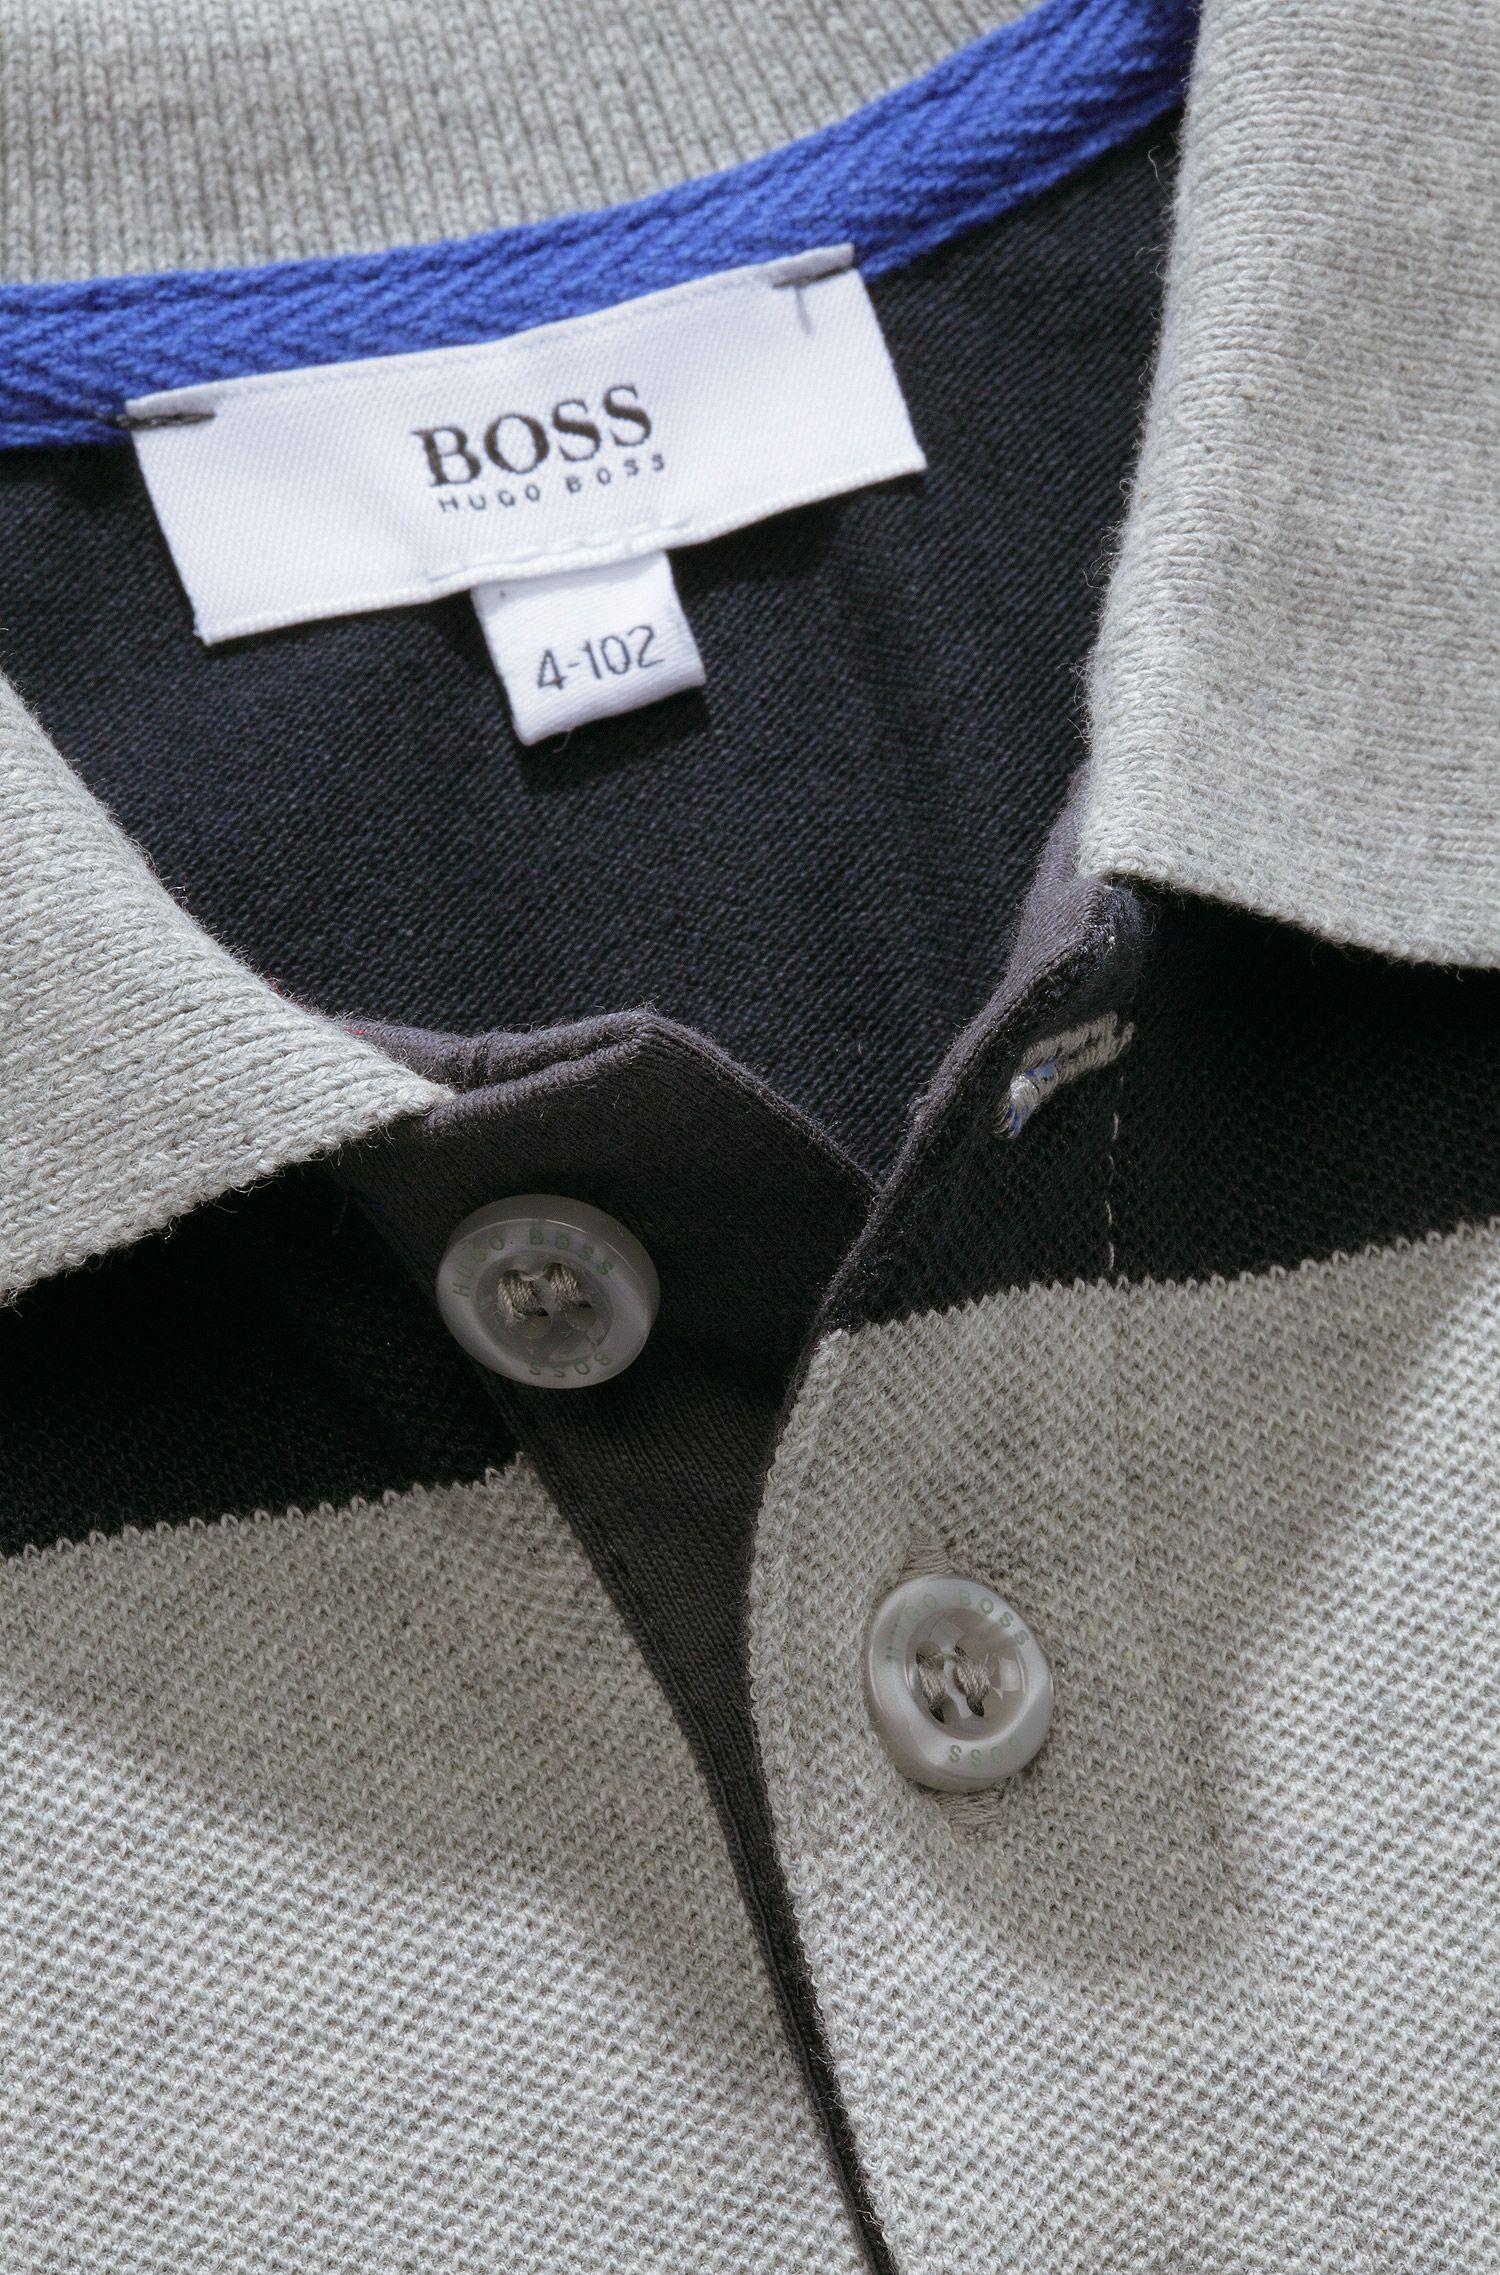 Polo à manches longues pour enfant «J25574/A30» en maille piquée